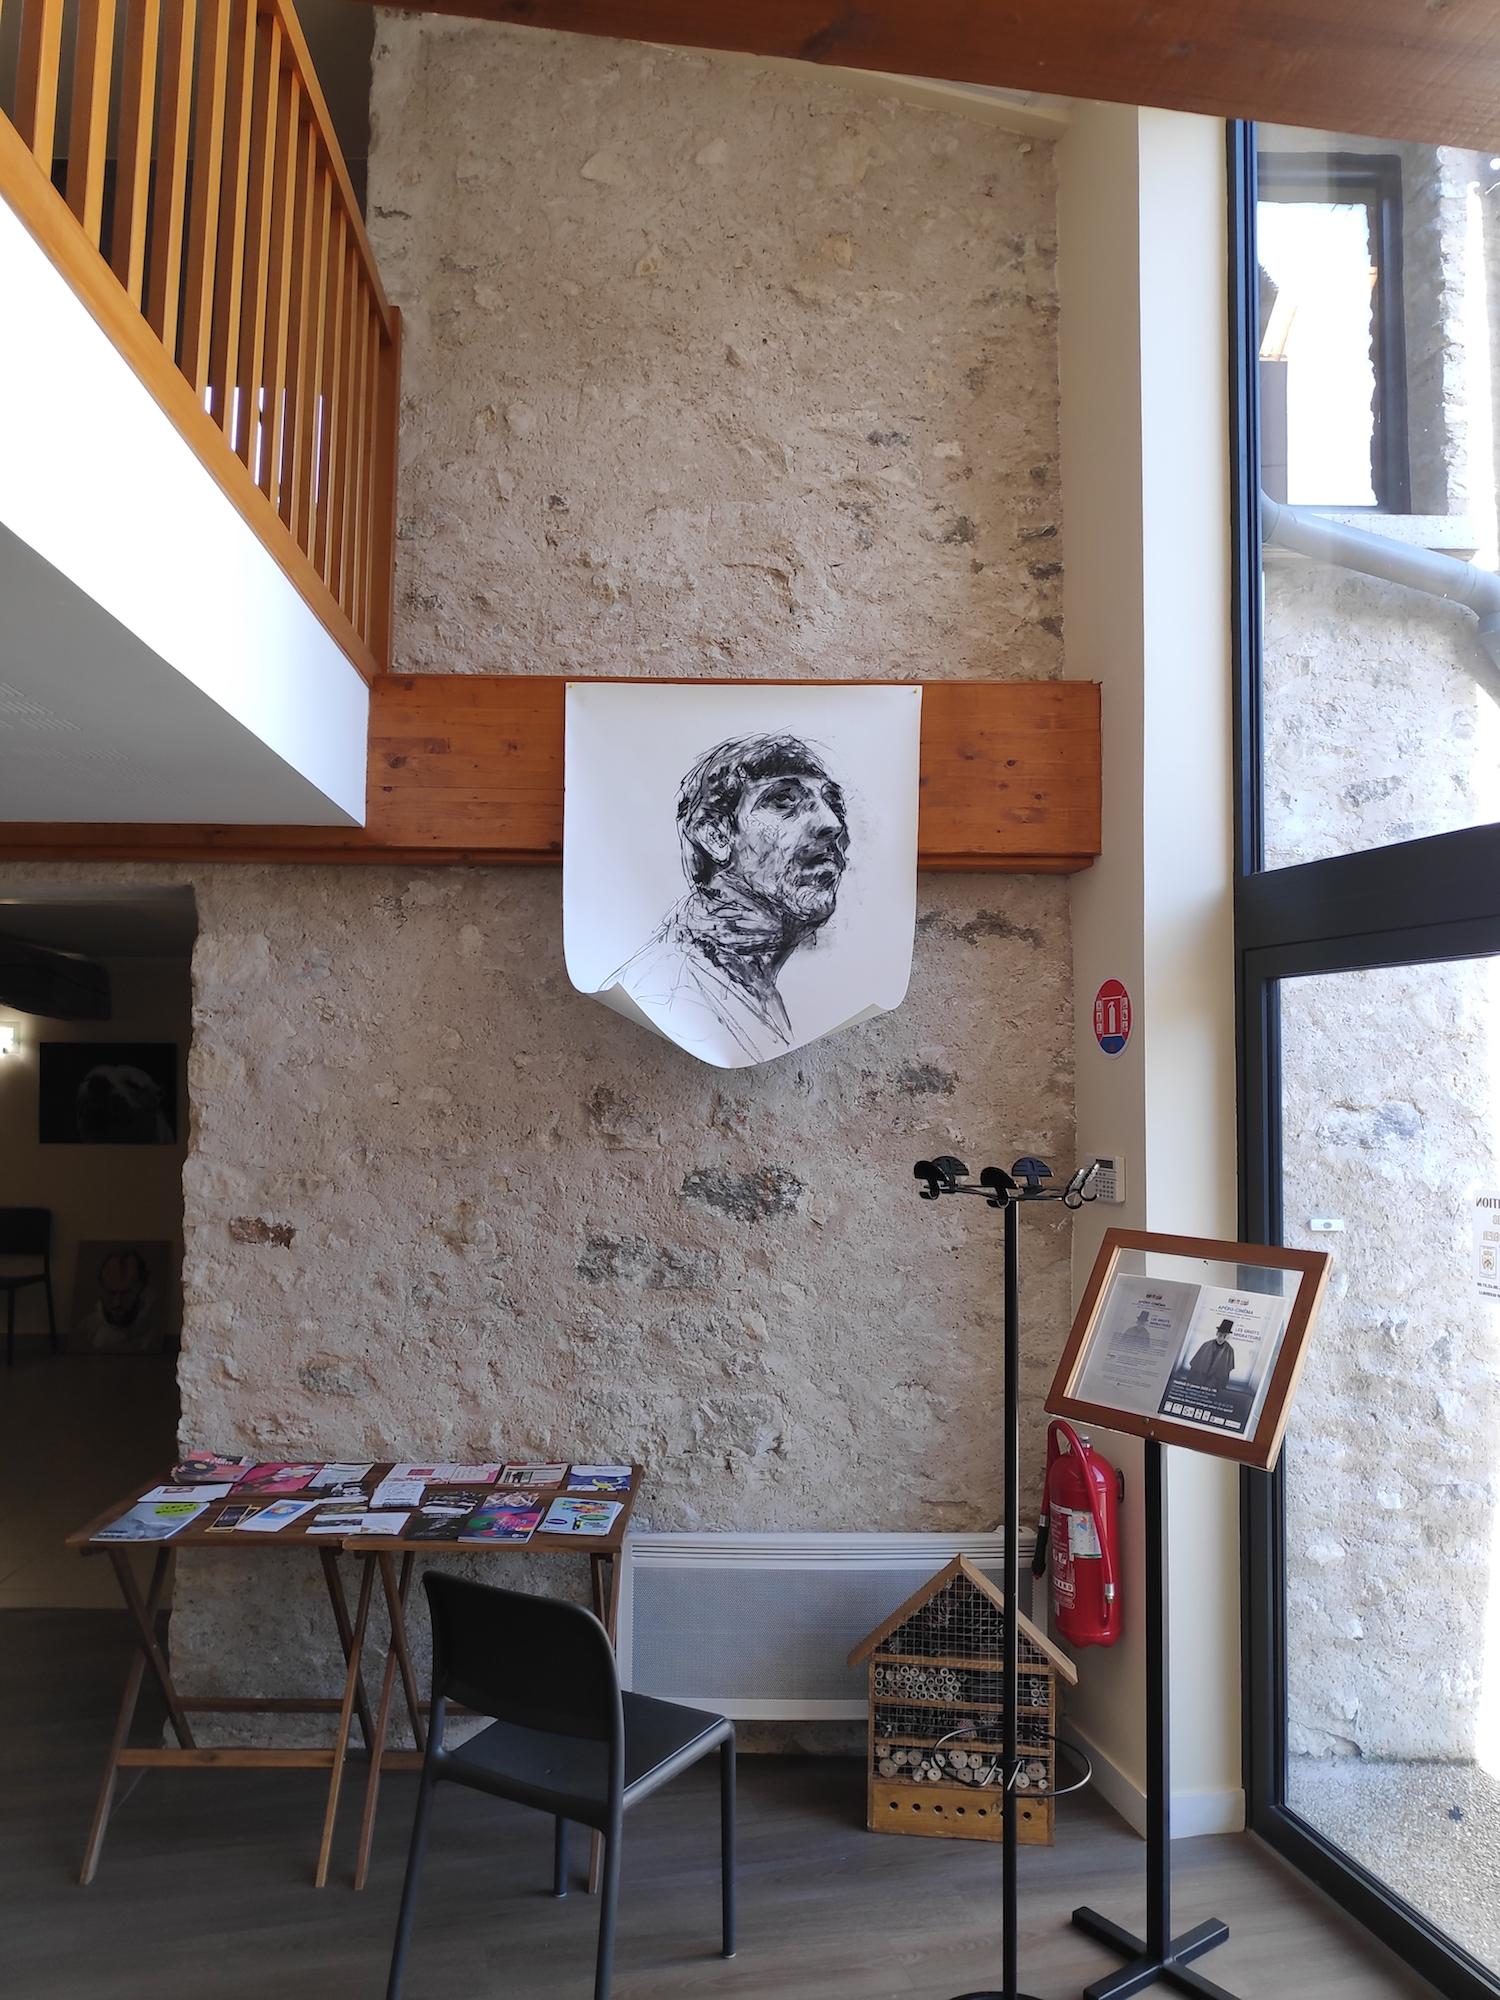 Hanging Test. Boris Garanger. Jackson's Painting Prize.